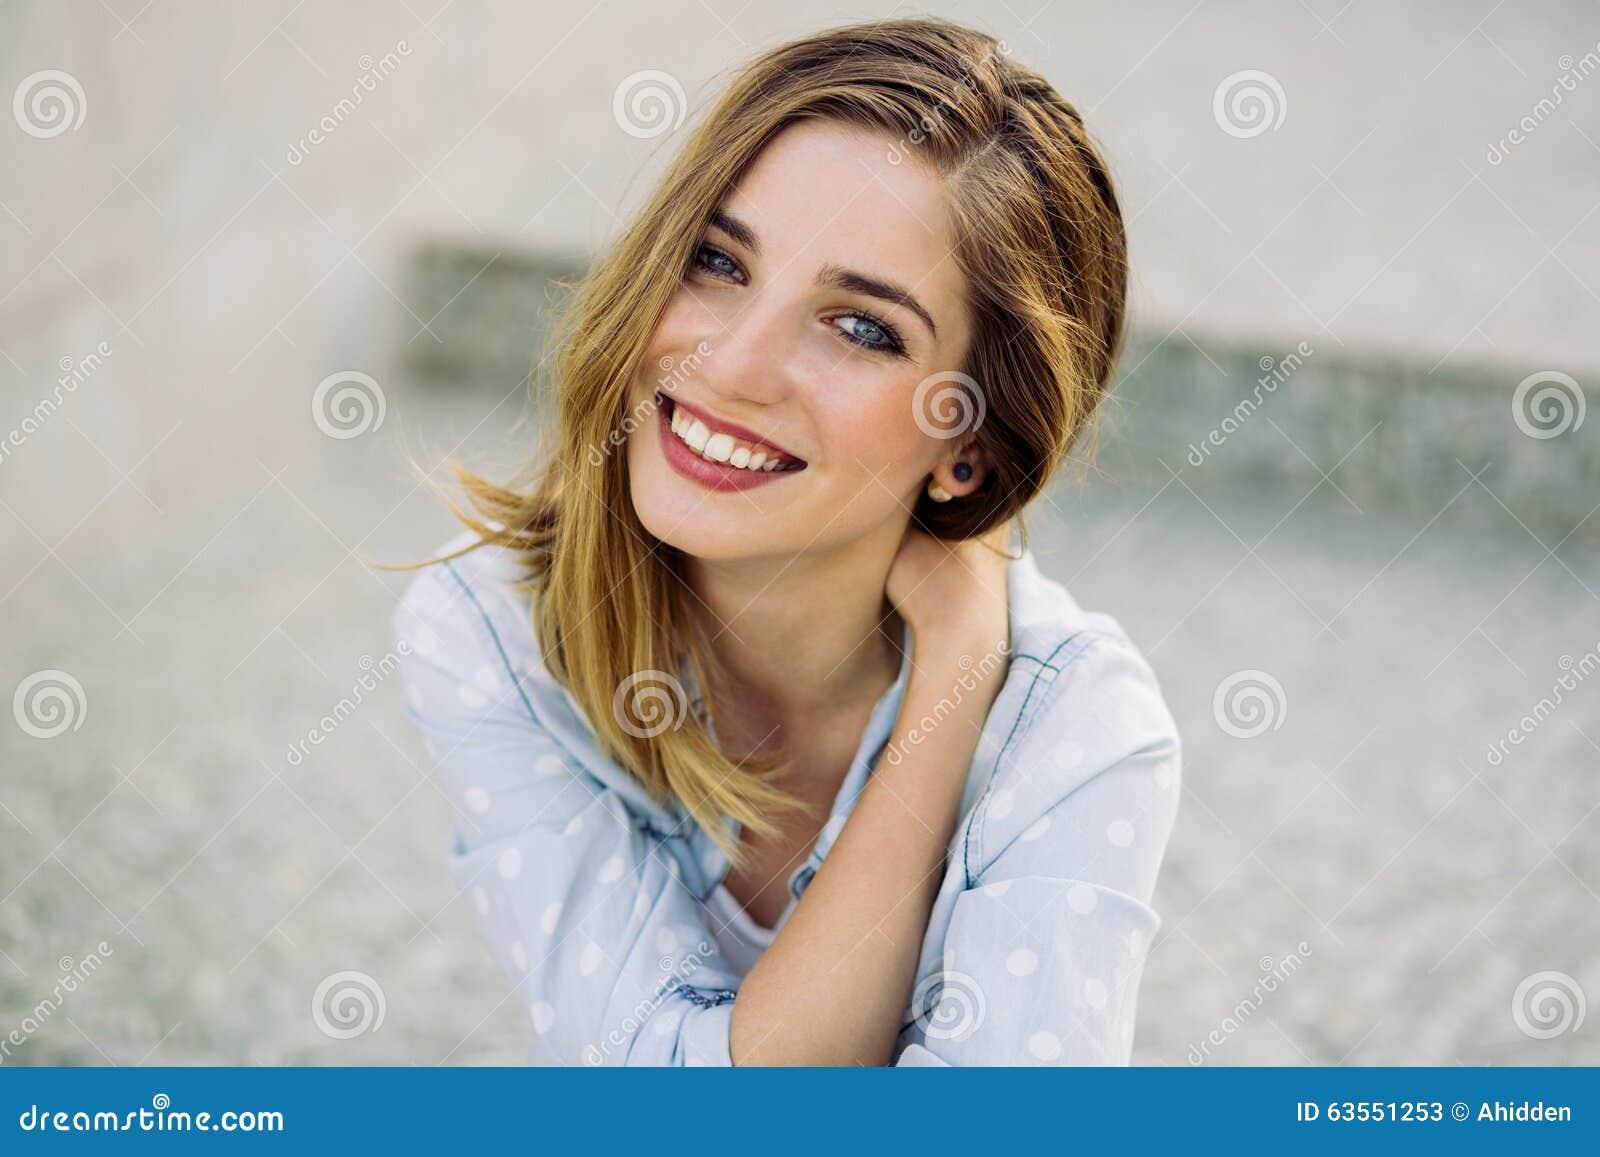 Проходит гинеколога, девушка с очаровательной улыбкой